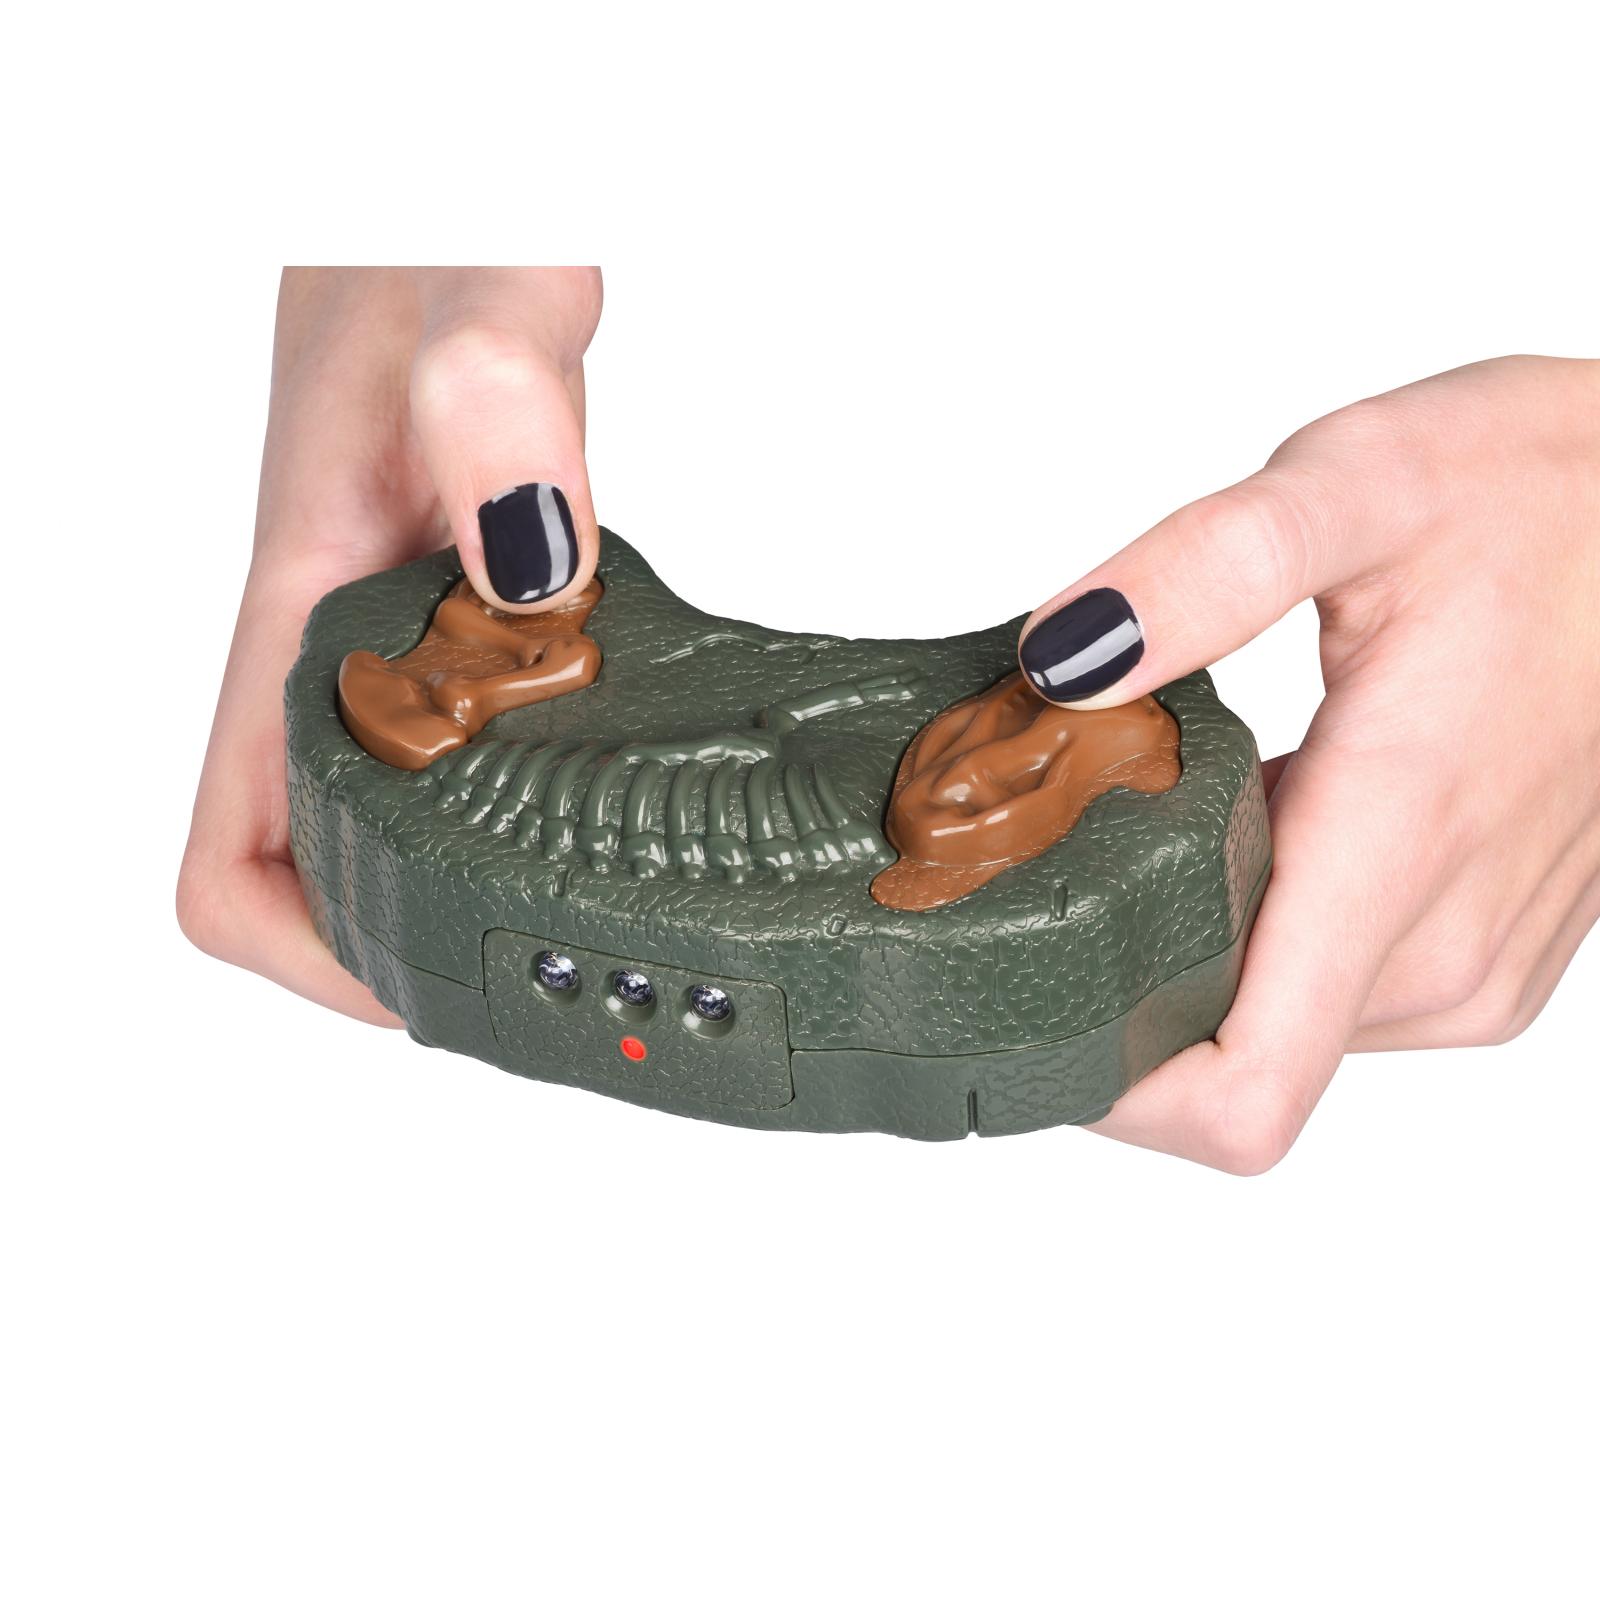 Интерактивная игрушка Same Toy Динозавр Dinosaur Planet серый со светом и звуком (RS6134Ut) изображение 2